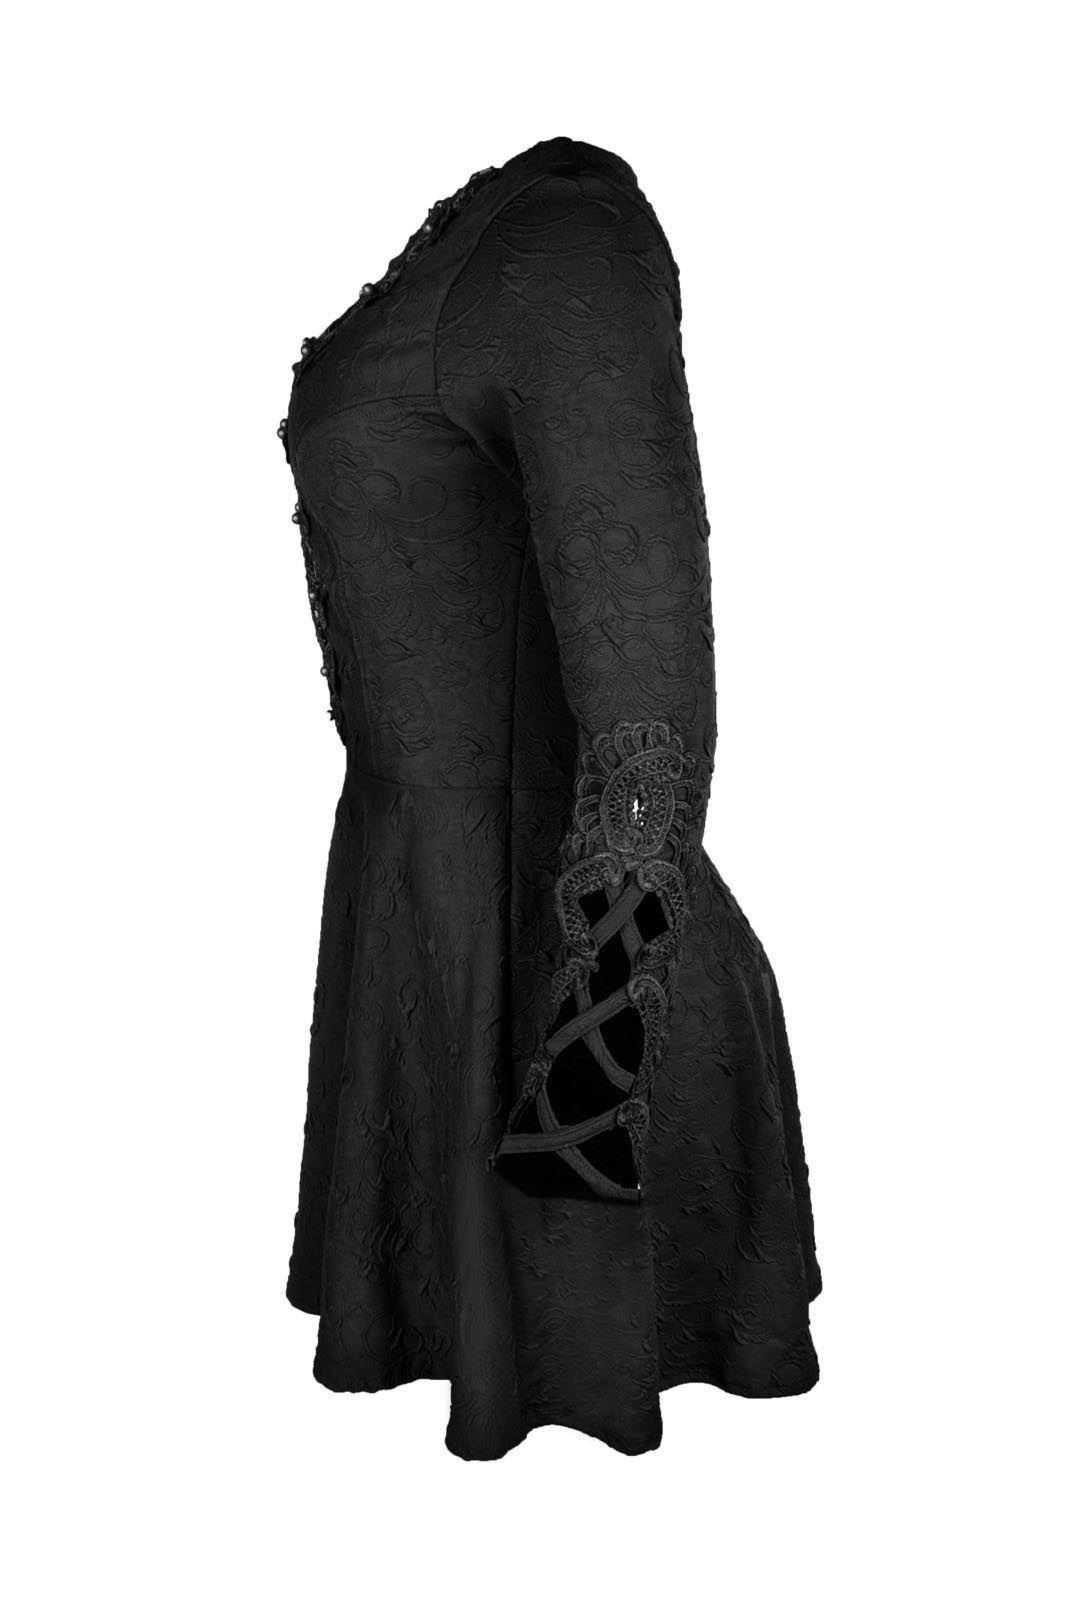 Vestido OutletDri Curto Manga Longa Godê Decote Tule Bordado Perolado Preto